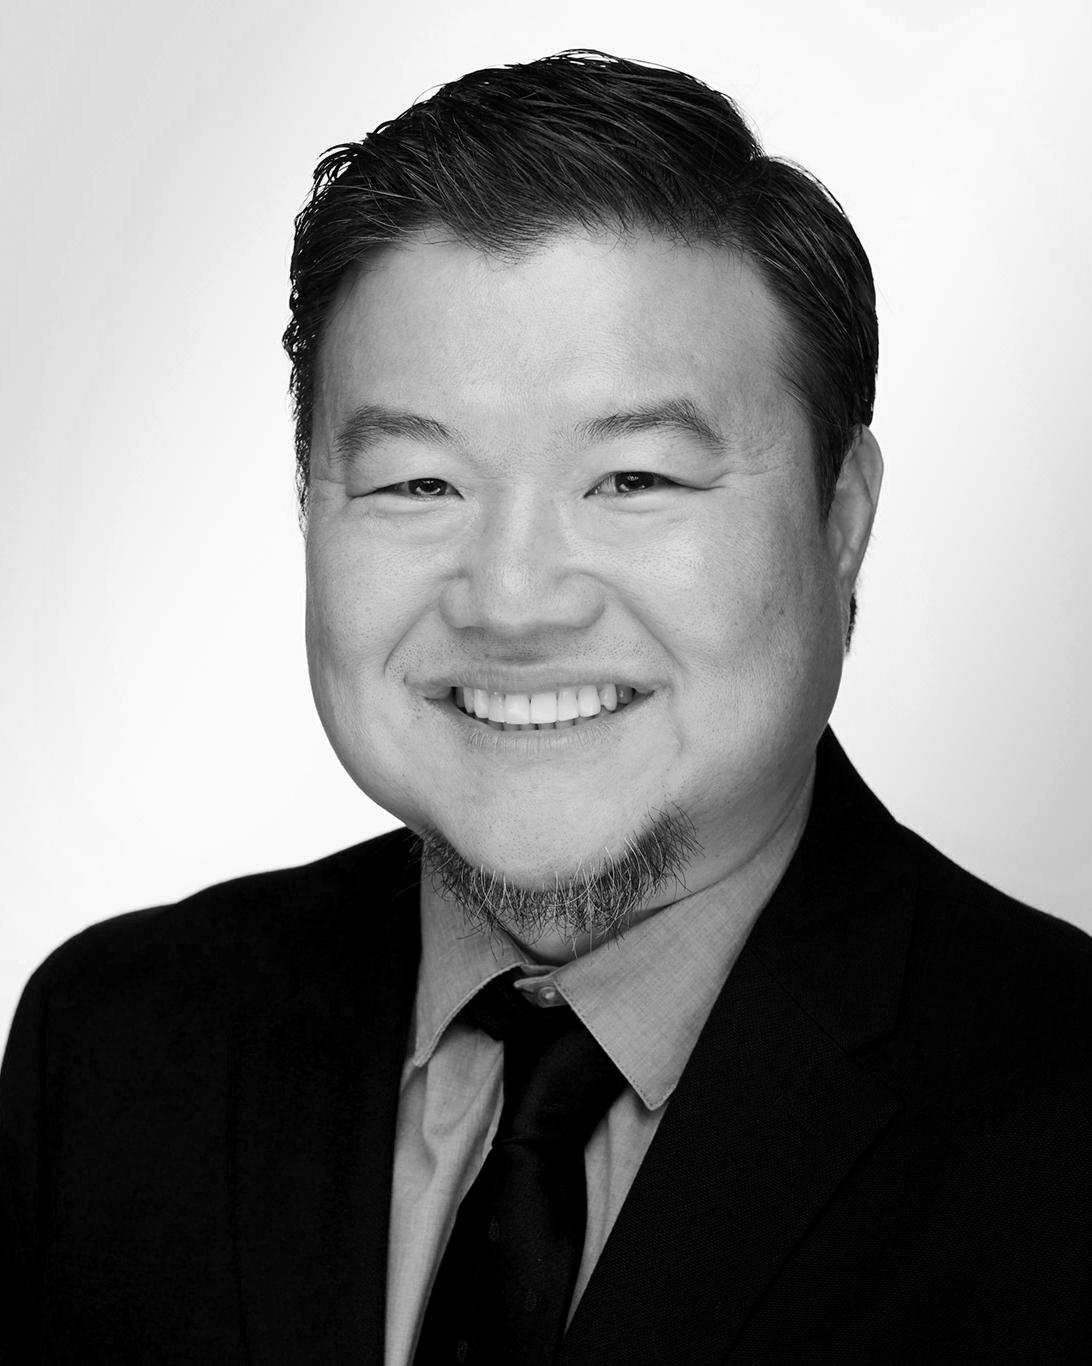 Daniel Park - Production Manager